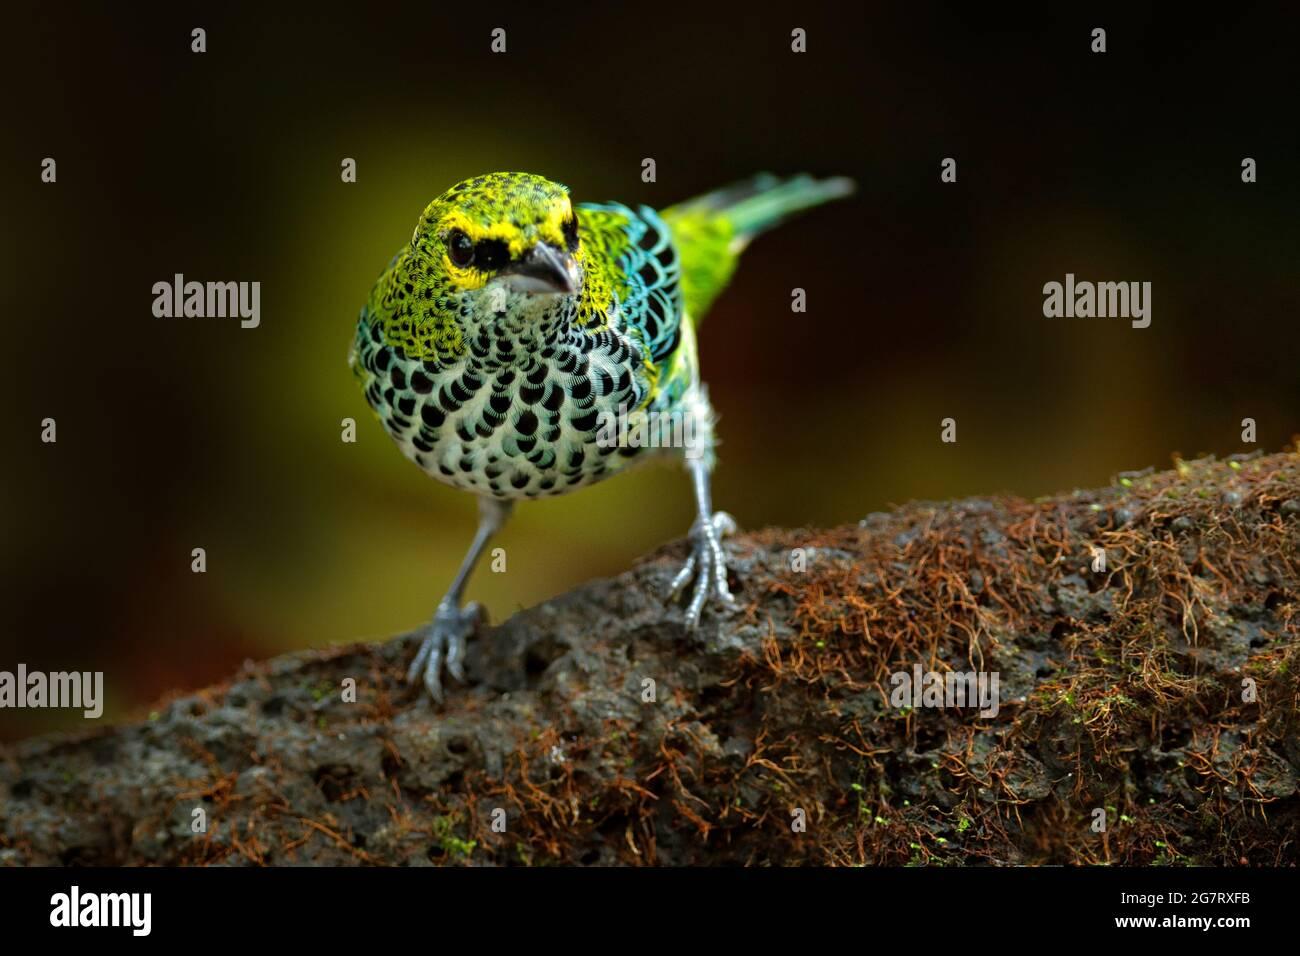 Tanager de Costa Rica. Tanager moteado, Tangara guttata, sentado en la piedra marrón. Aves tropicales en el hábitat natural. Vida silvestre en Costa Rica. Y Foto de stock